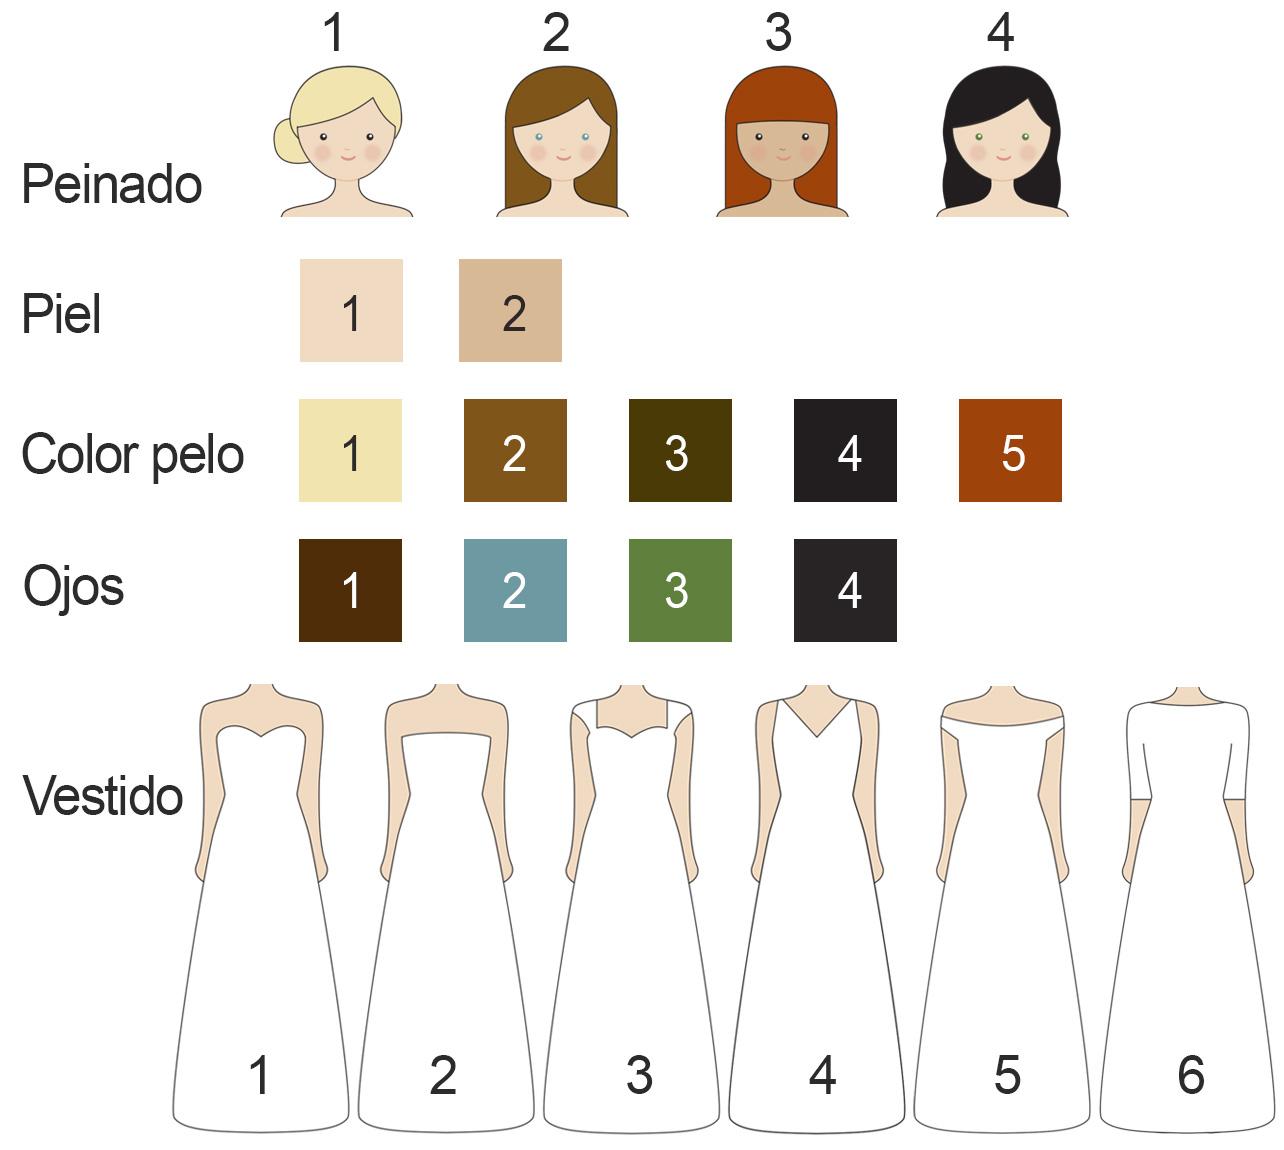 Imagen de producto: https://tienda.postreadiccion.com/img/articulos/secundarias3938_____1830_____Opciones_novia.jpg